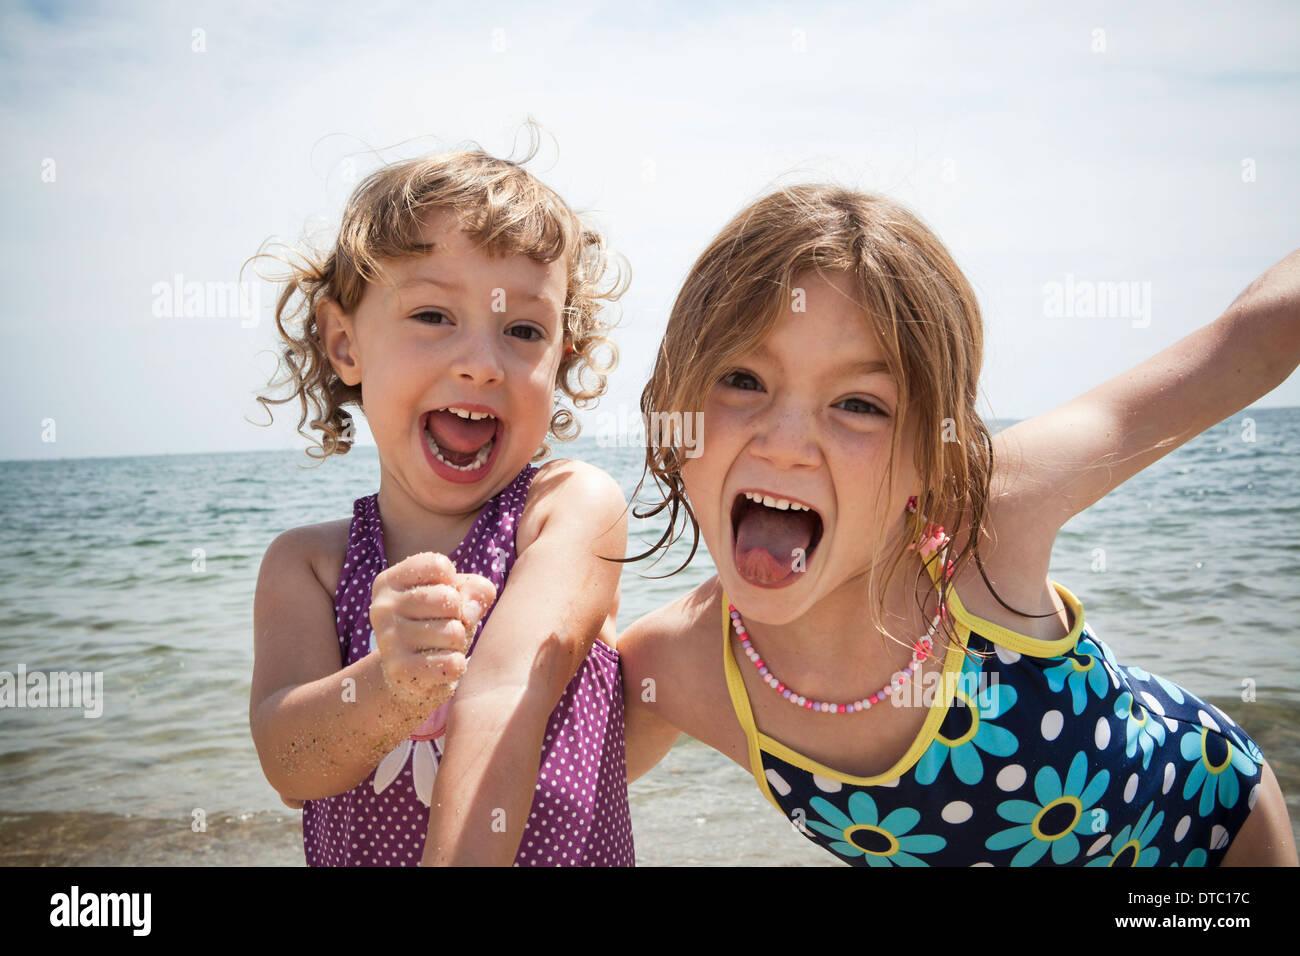 Ritratto di due sorelle tirando si affaccia sulla spiaggia di Falmouth, Massachusetts, STATI UNITI D'AMERICA Immagini Stock